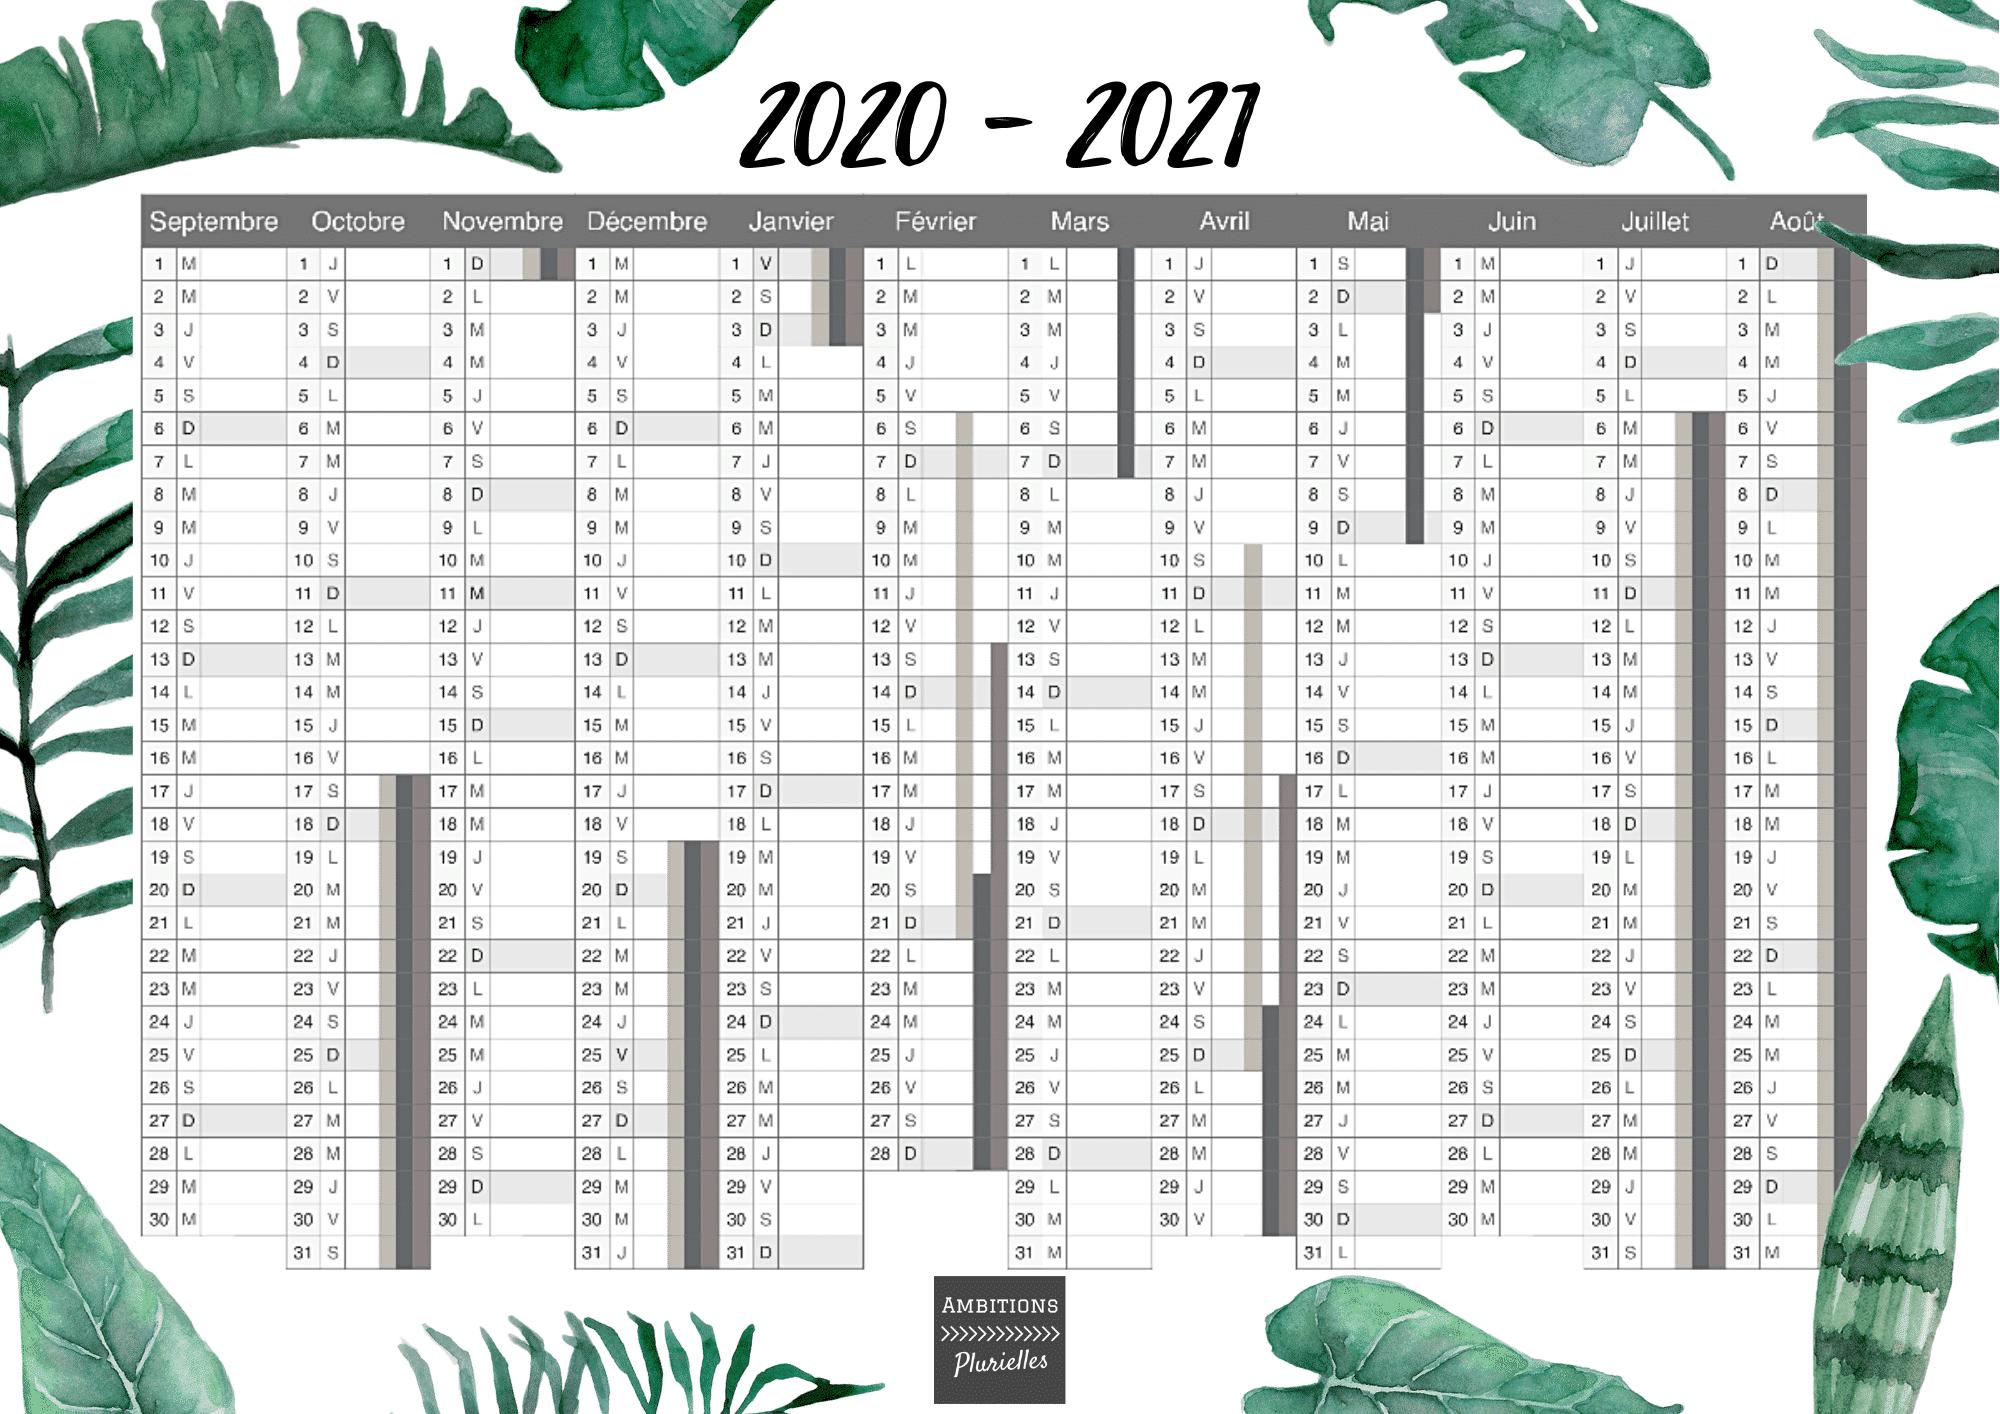 Calendrier 2019 Et 2021 A Imprimer Un joli calendrier 2020   2021 à imprimer offert par Ambitions